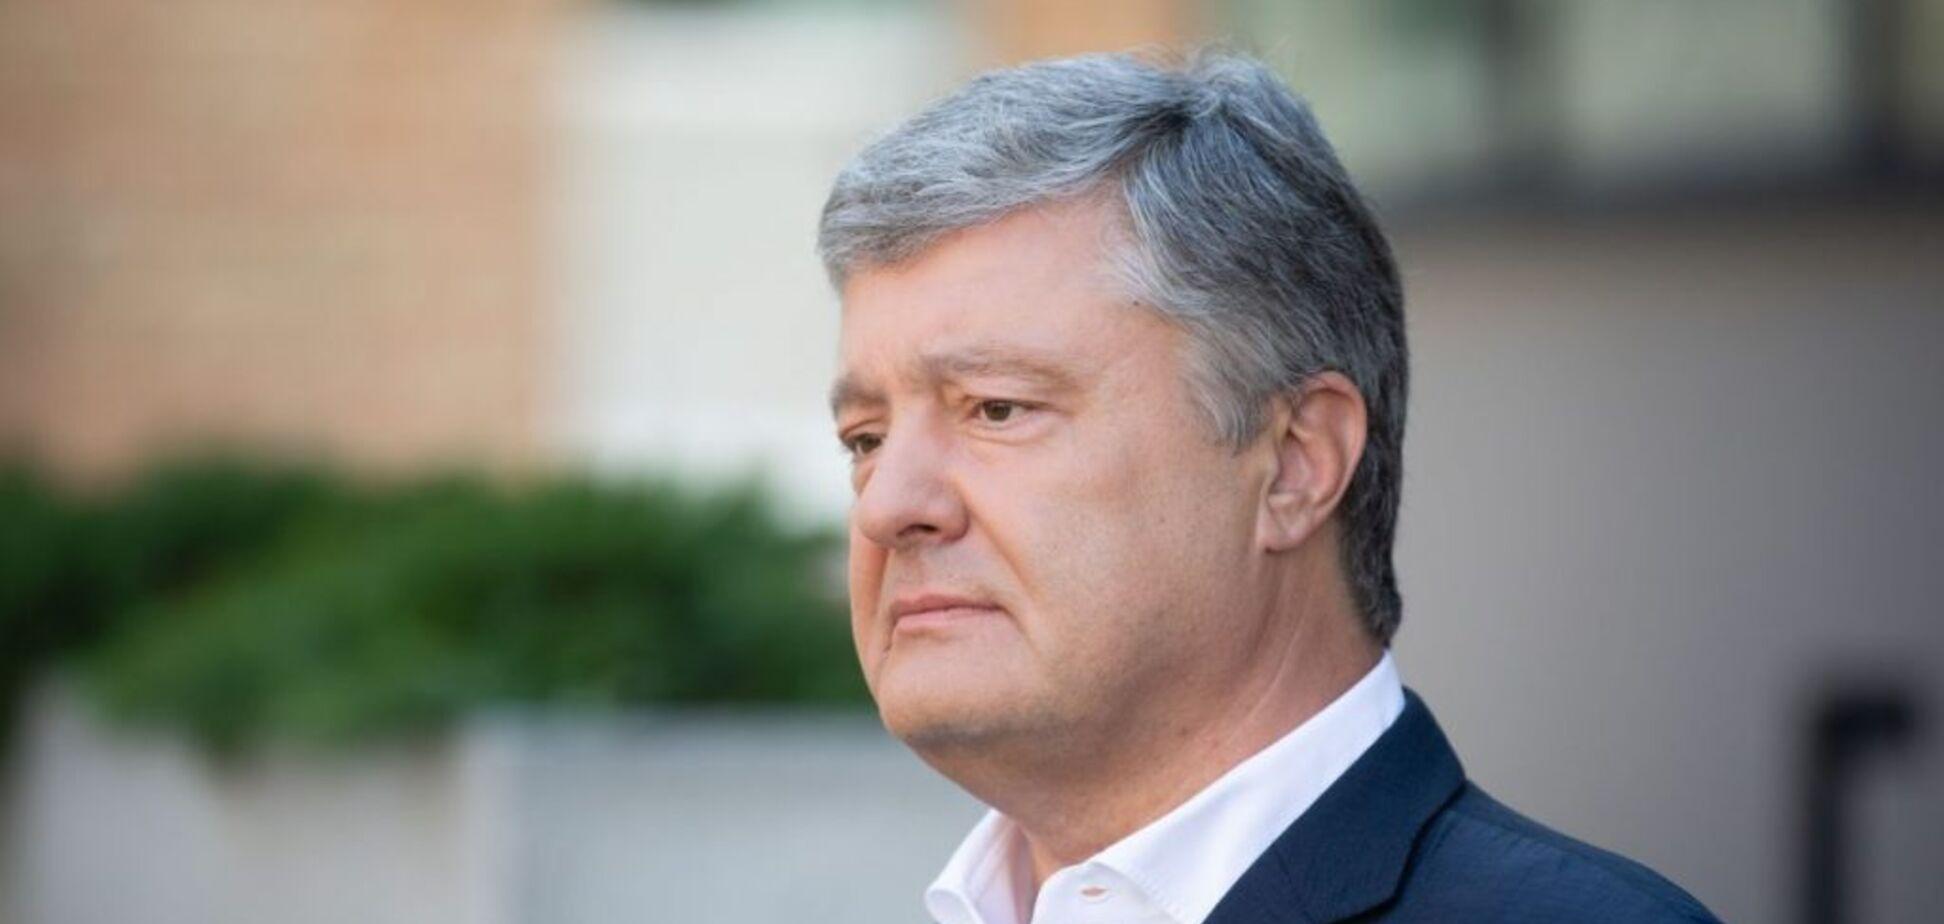 Сумніви в ЄС і НАТО щодо членства України посилюють апетити Кремля, – Порошенко